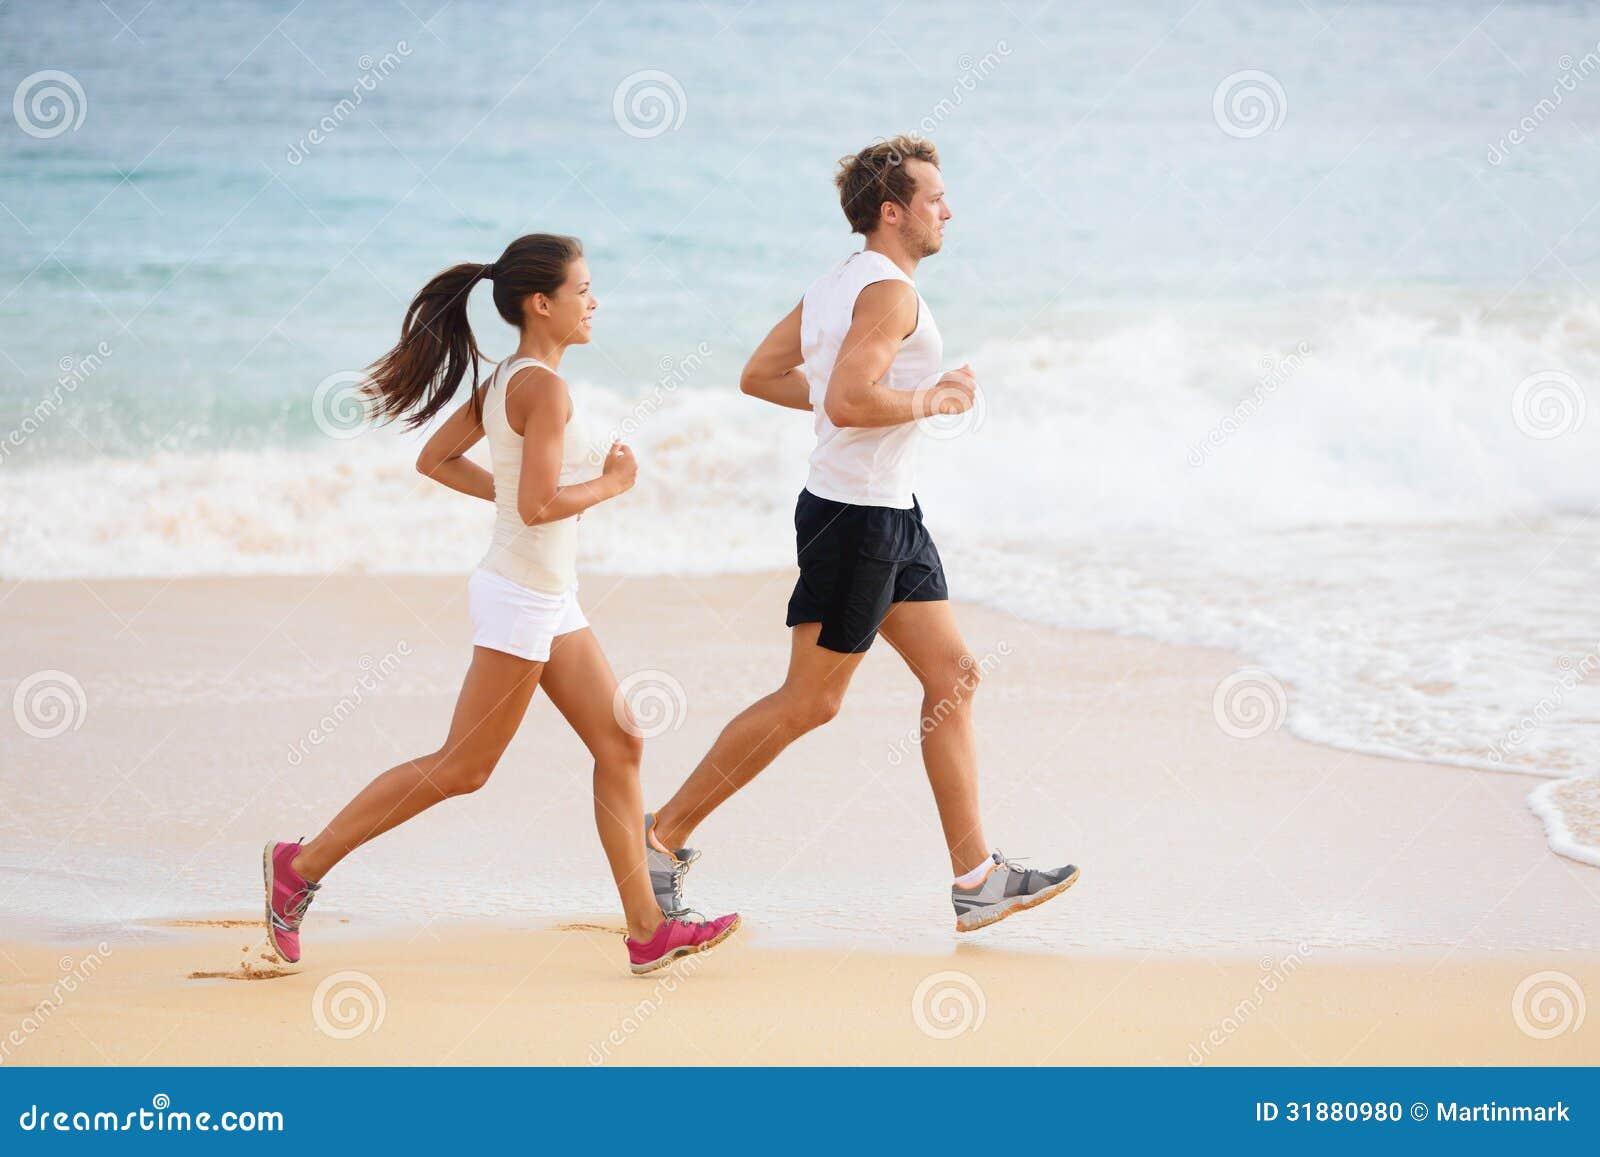 People running - runner couple on beach run